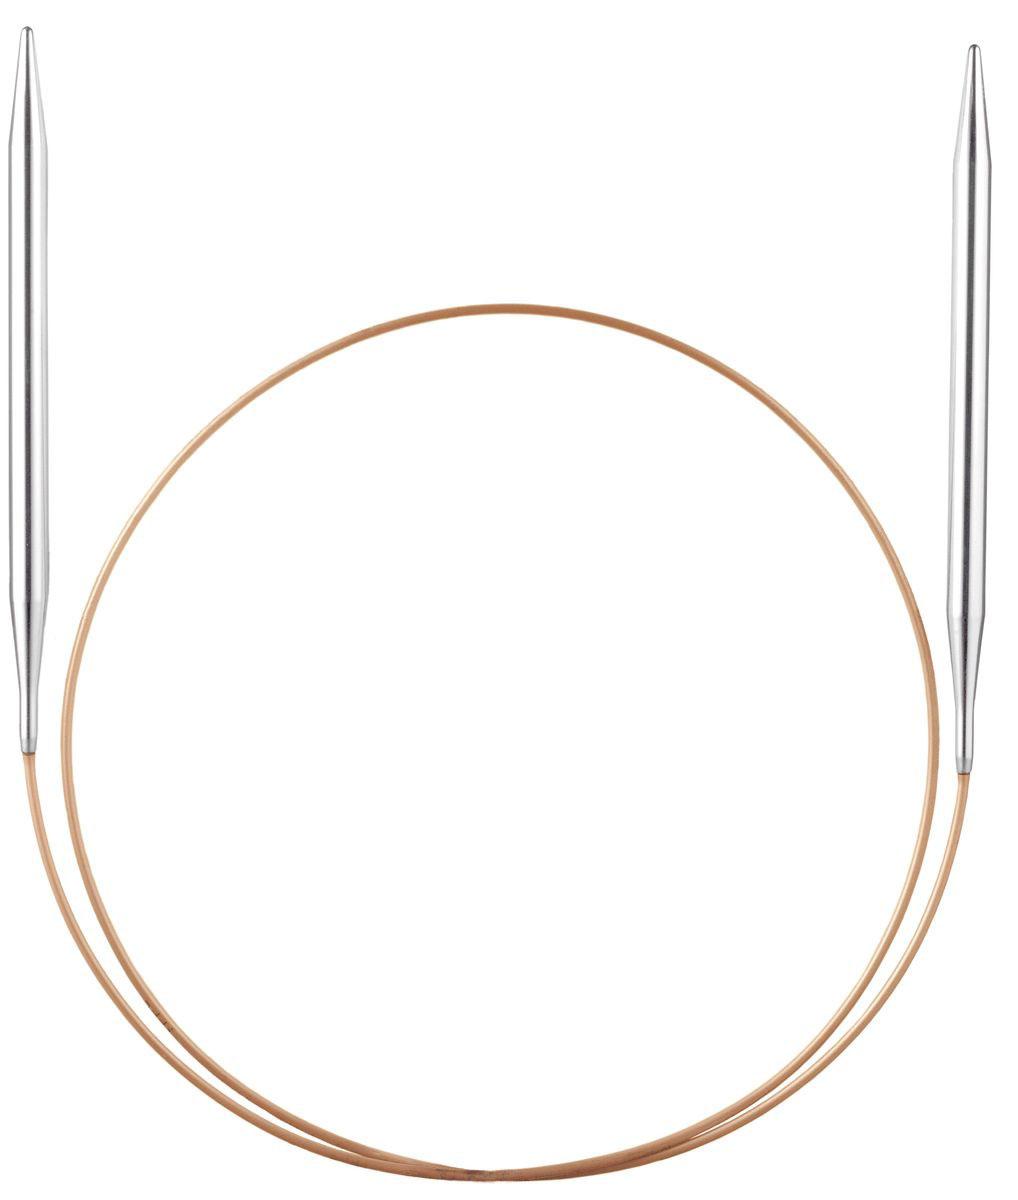 Спицы круговые Addi, супергладкие, диаметр 6 мм, длина 150 см105-7/6-150Спицы Addi, изготовленные из никеля, прекрасно подойдут для вязания изделий без швов. Короткими круговыми спицами вяжут бейки горловины, шапки и варежки, длинными спицами можно вязать по кругу целые модели, например, свитера и пуловеры. Полые и очень легкие спицы с удлиненным кончиком скреплены гибкой леской. Гладкое покрытие и тонкие переходы от спицы к леске позволяют пряже легче скользить. Малый вес изделия убережет ваши руки от усталости при вязании. Вы сможете вязать для себя, делать подарки друзьям. Работа, сделанная своими руками, долго будет радовать вас и ваших близких.